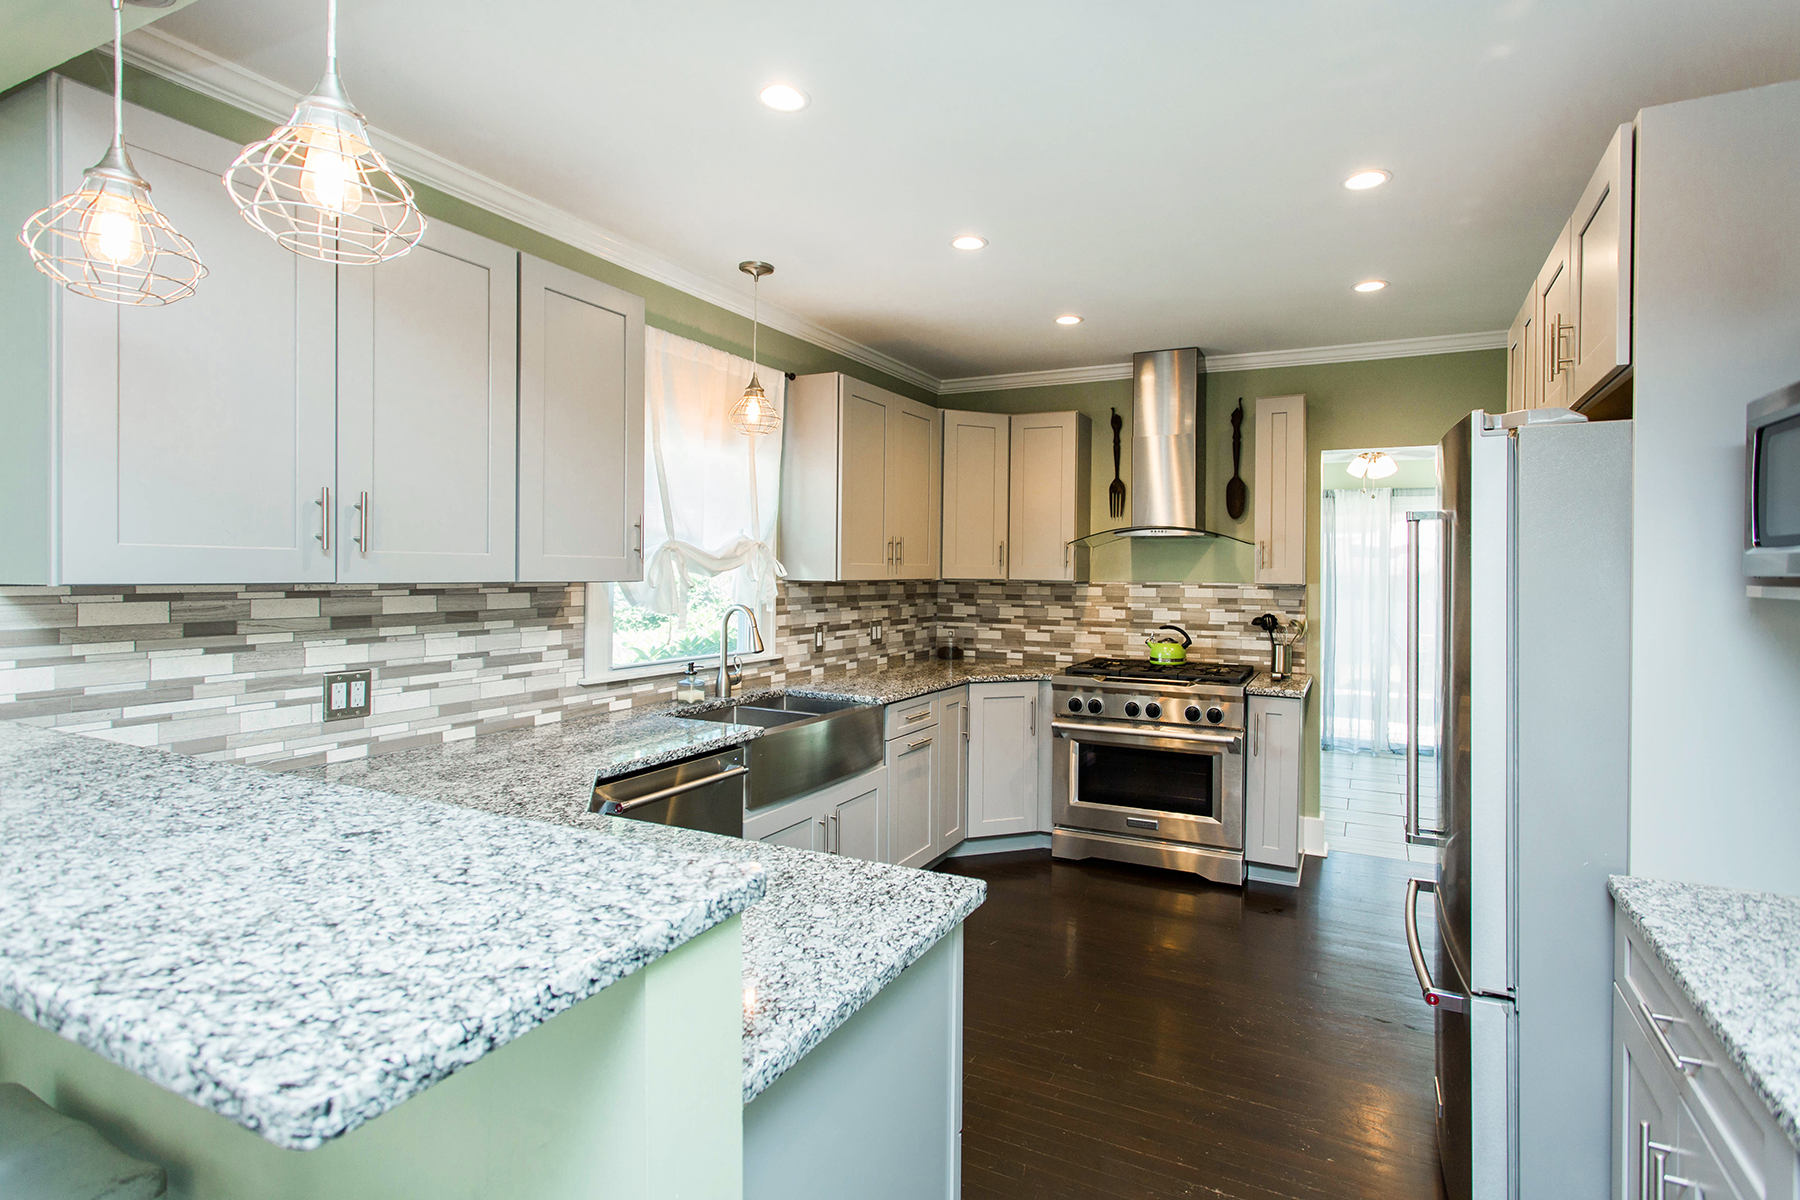 Maison unifamiliale pour l Vente à Prestige on Lenox 75 Lenox Av Albany, New York 12203 États-Unis